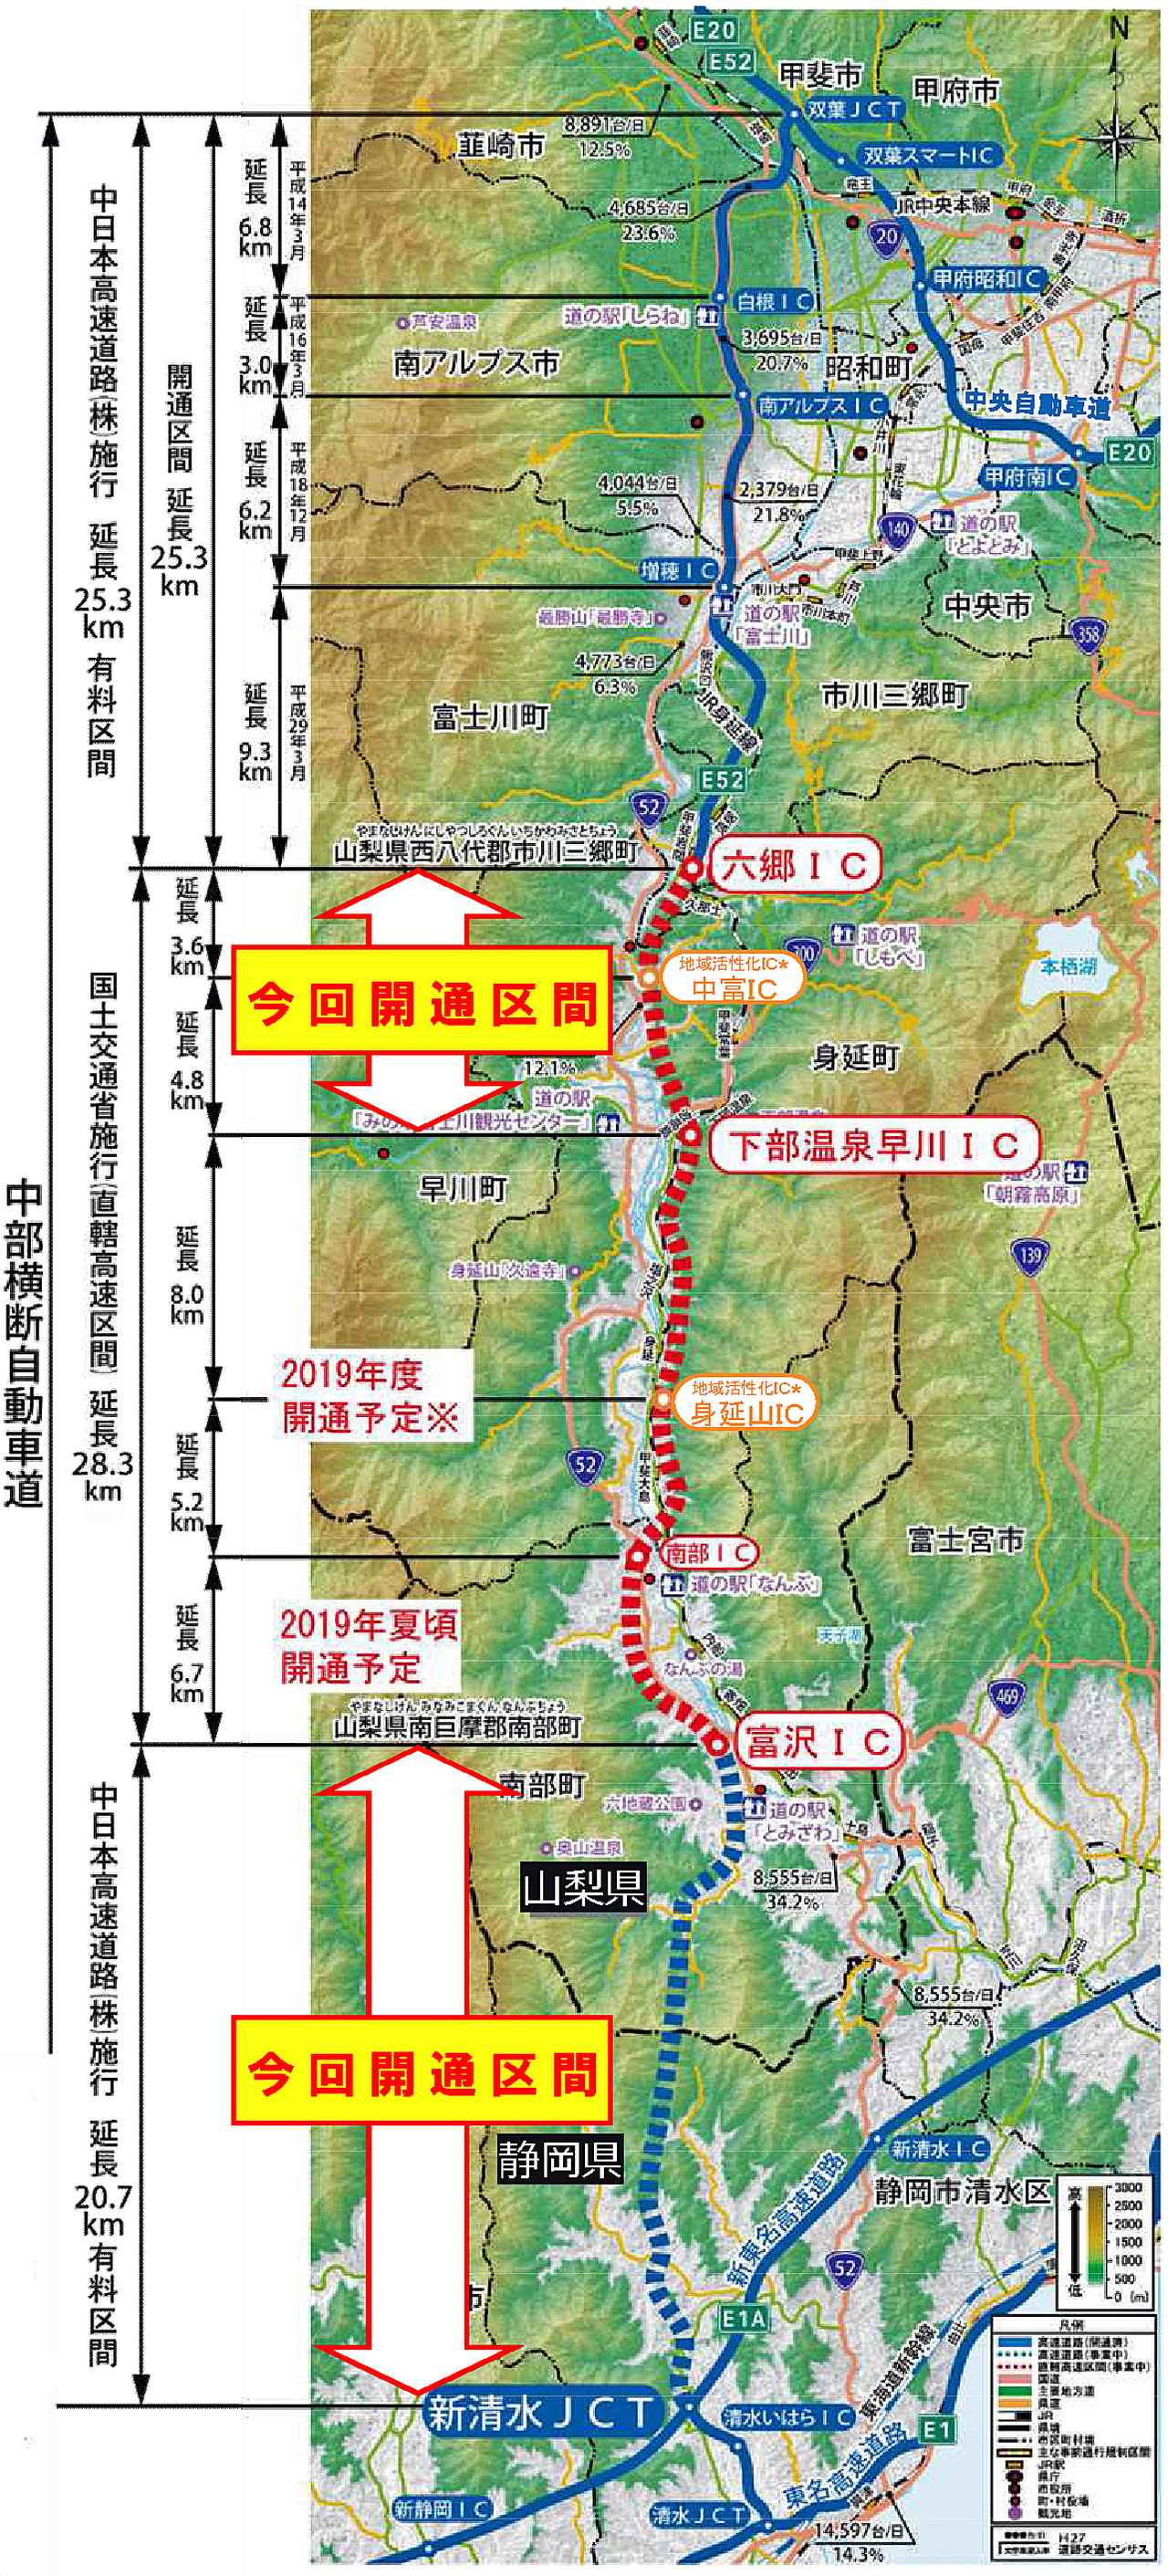 【ニュース】中部横断自動車道、2019年3月10日16時30分に新区間が開通!